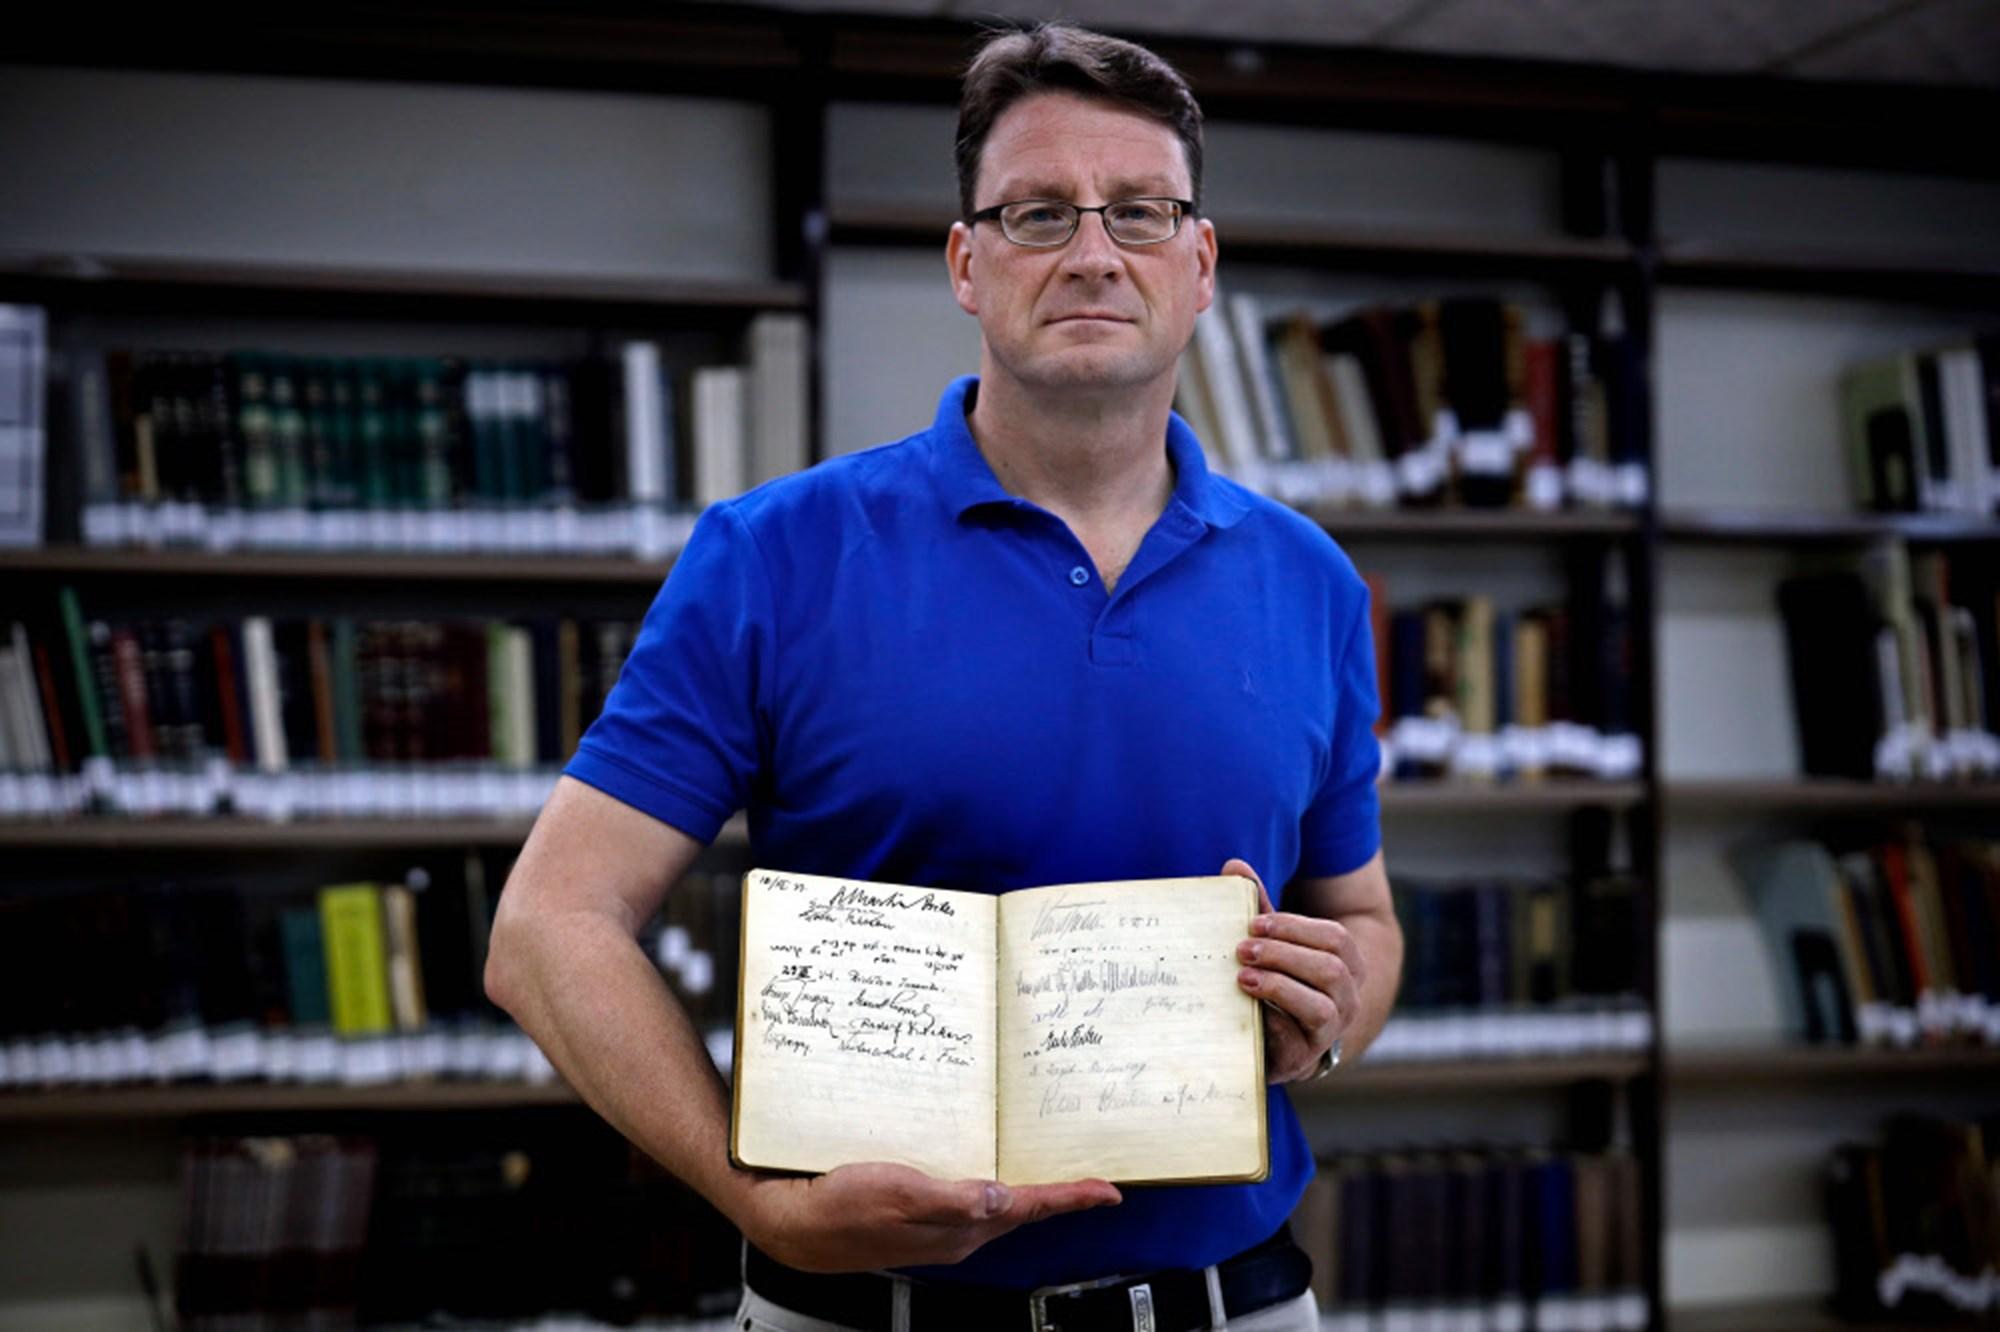 Neue Details über Jerusalem-Besuch von hochrangigem Nazi bekannt geworden – derStandard.at